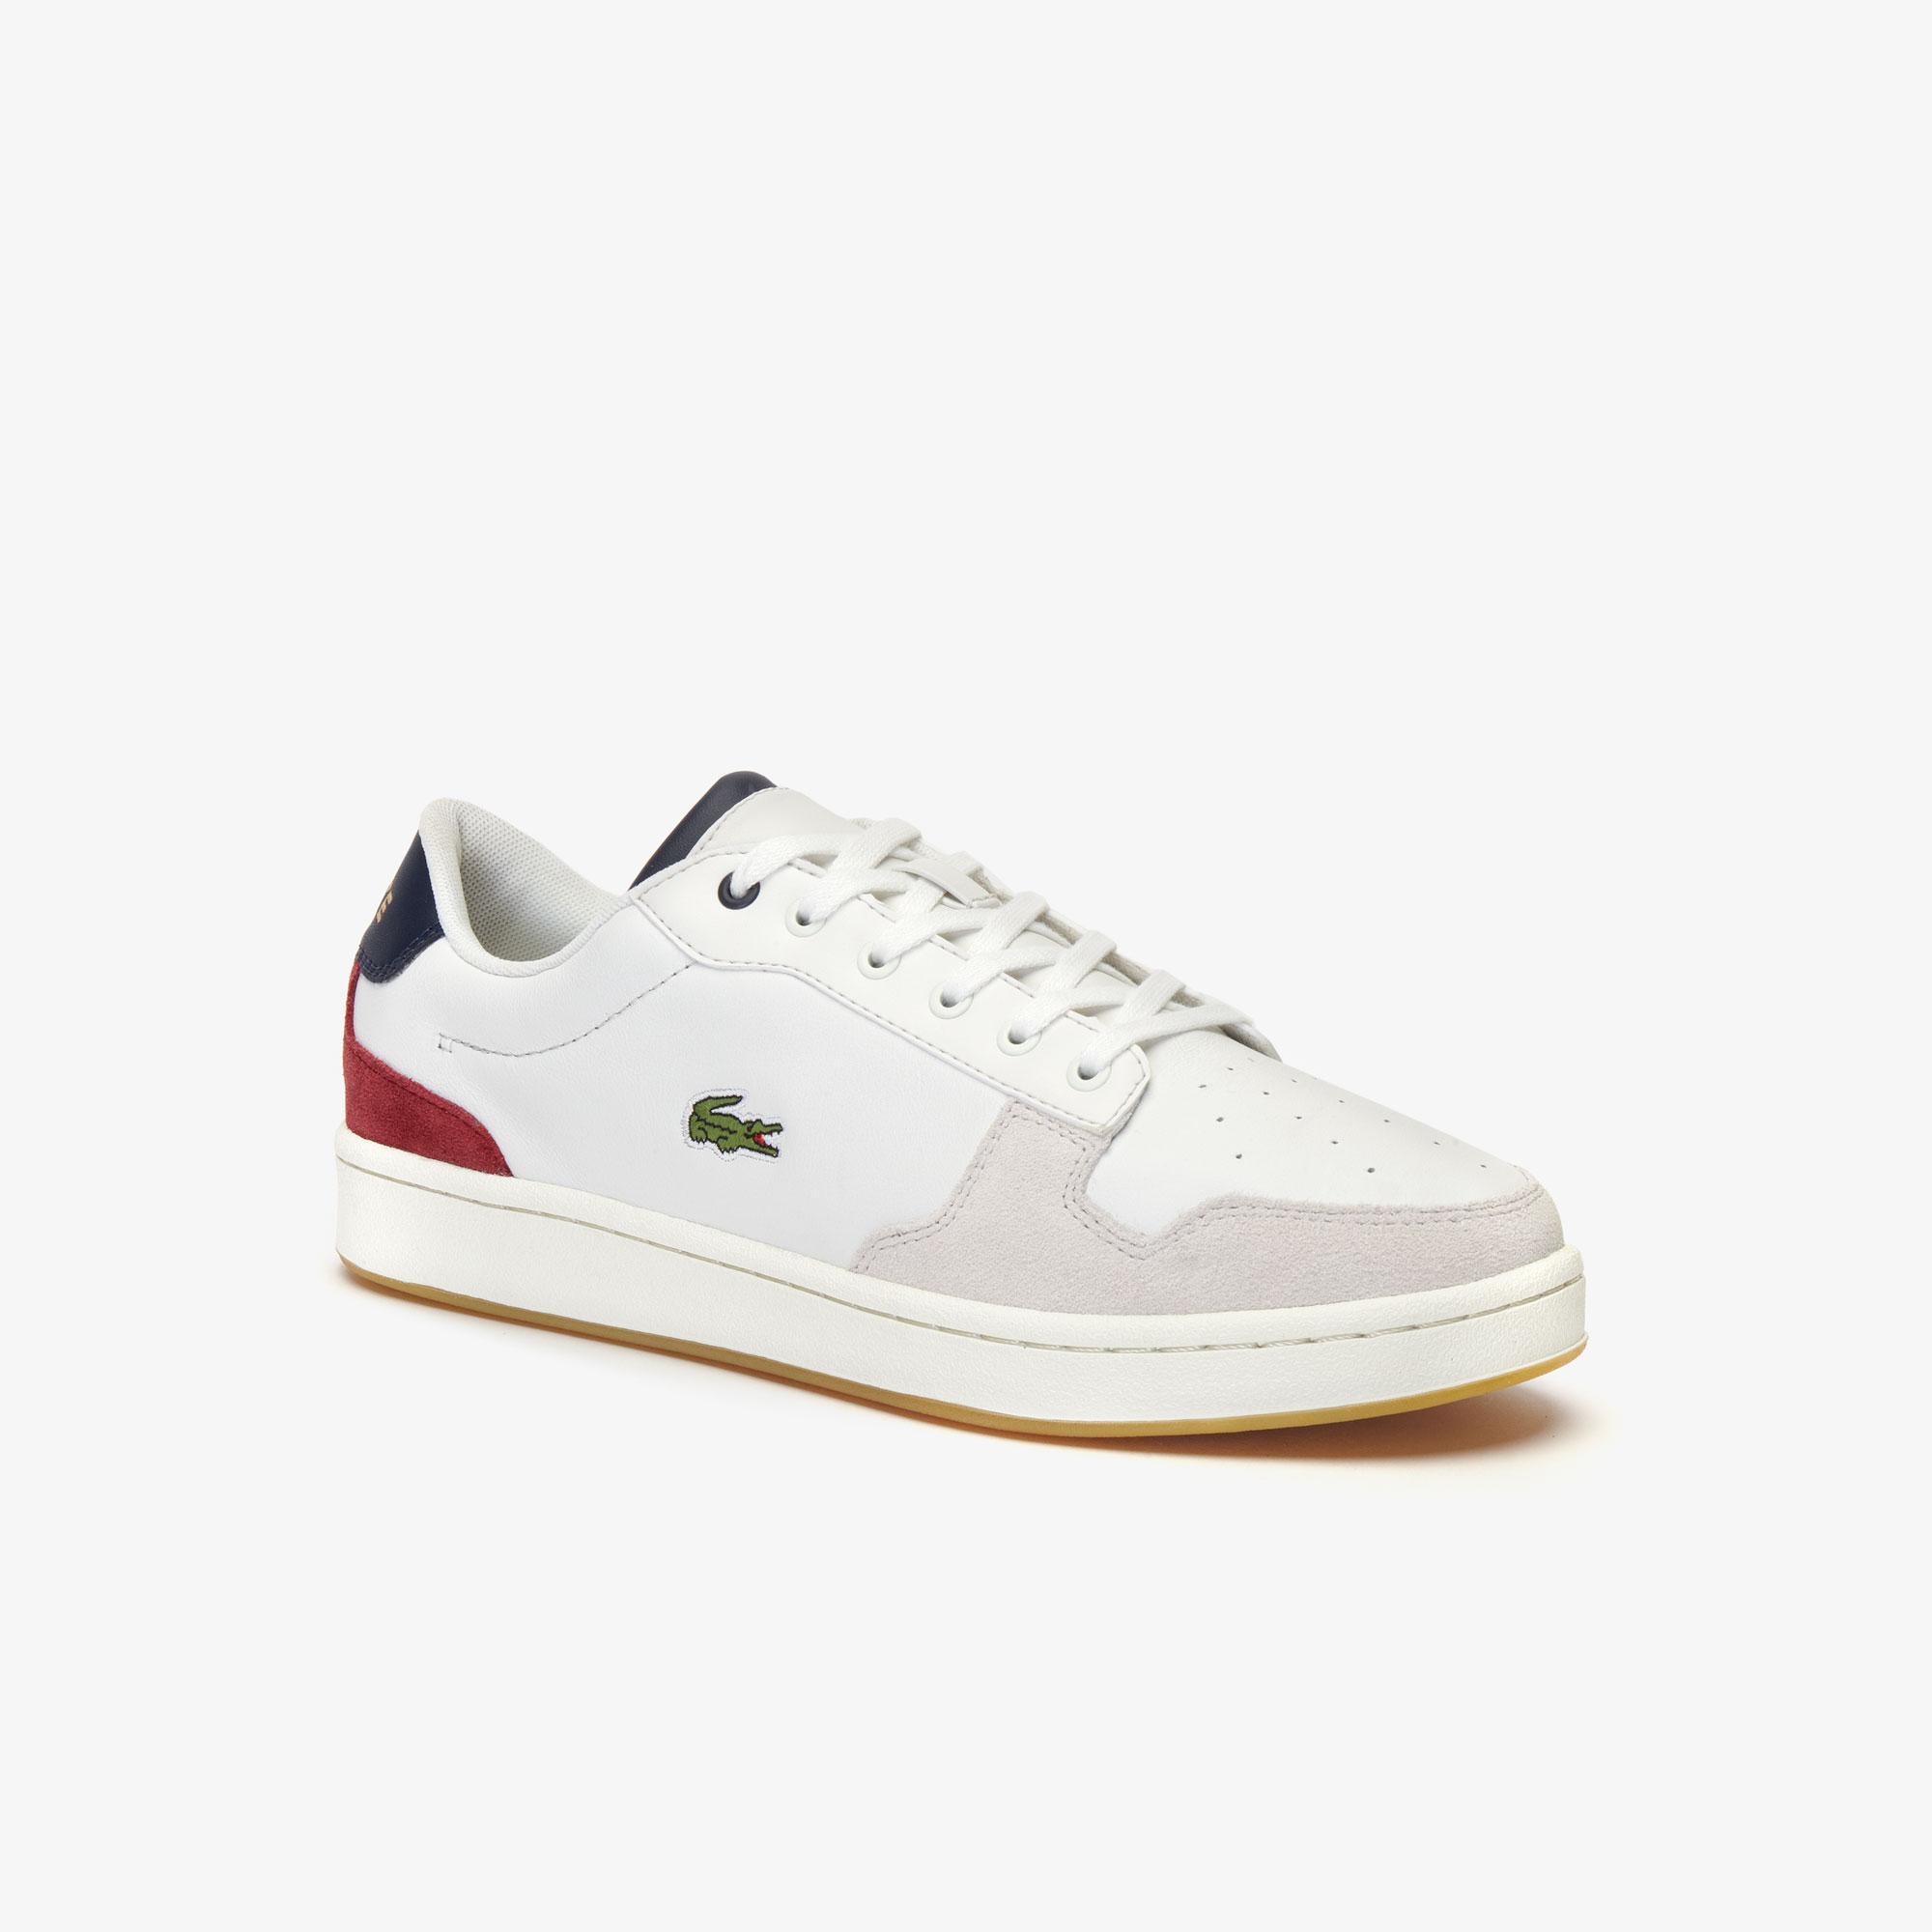 Lacoste Masters Cup 319 2 Sma Erkek Bej - Lacivert - Koyu Kırmızı Sneaker